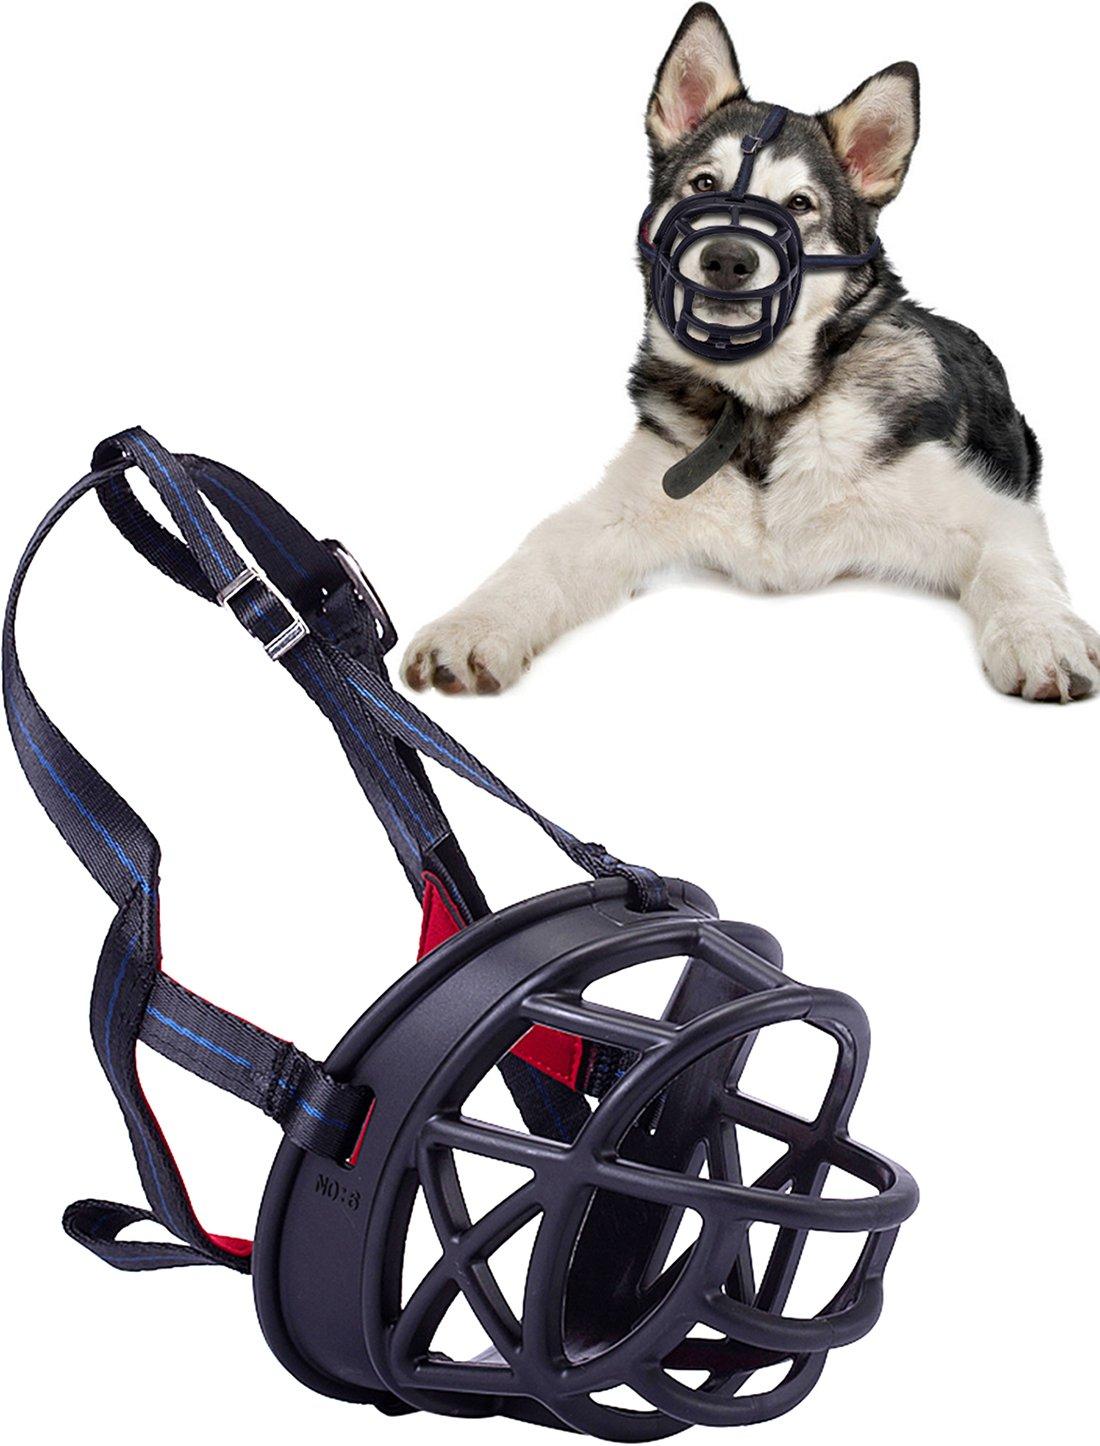 Freezx Luxury Dog Muzzle - Anti Biting Barking Chewing - Soft Silicone Rubber Basket Mask Muzzle - Adjustable for Small Medium Large Dog Safety (Size 4)